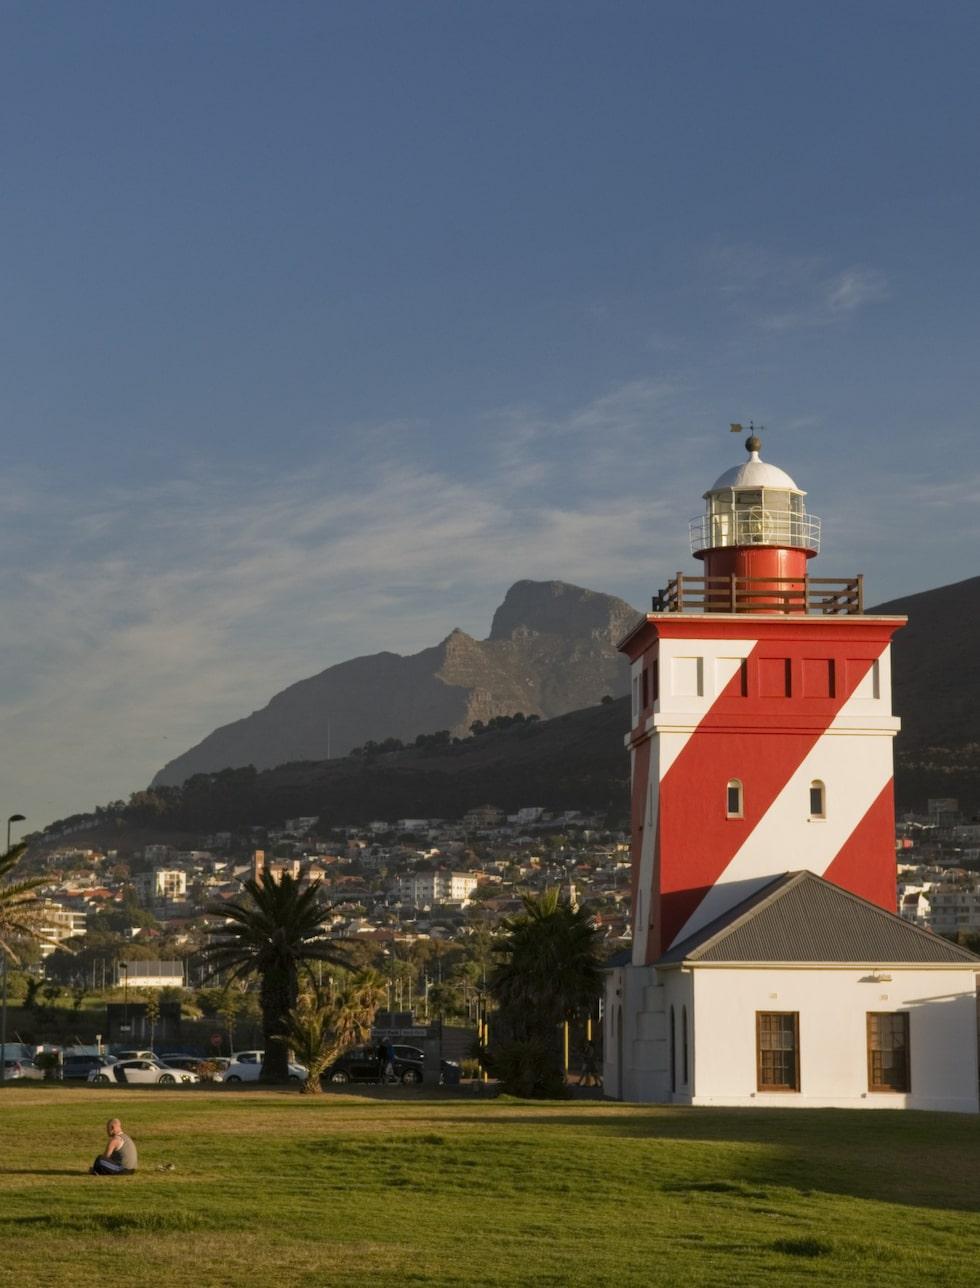 <p>Bergen som omger Kapstaden är alltid närvarande. Här tittar Devil´s Peak fram bakom fyren vid Mouille Point. </p>